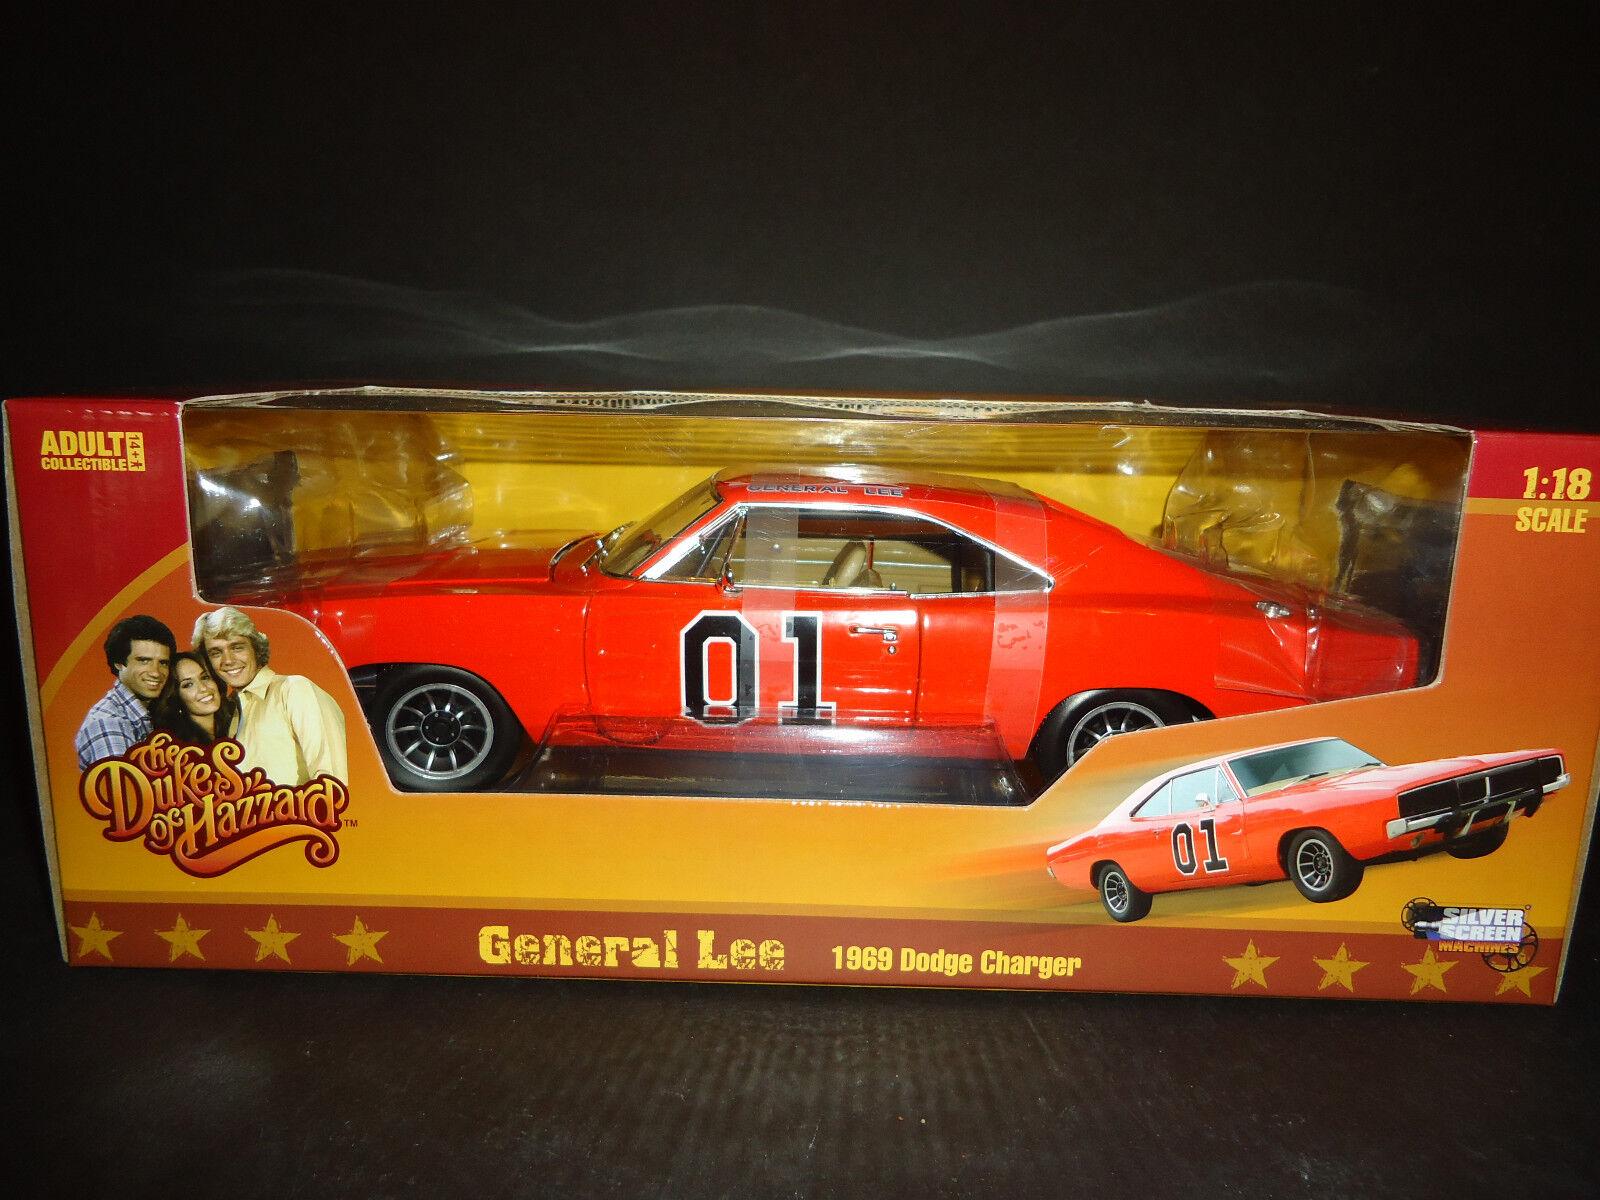 Auto World Dodge Charger 69 Generale Lee Dukes Of Hazzard 1/18 Alto Dettaglio